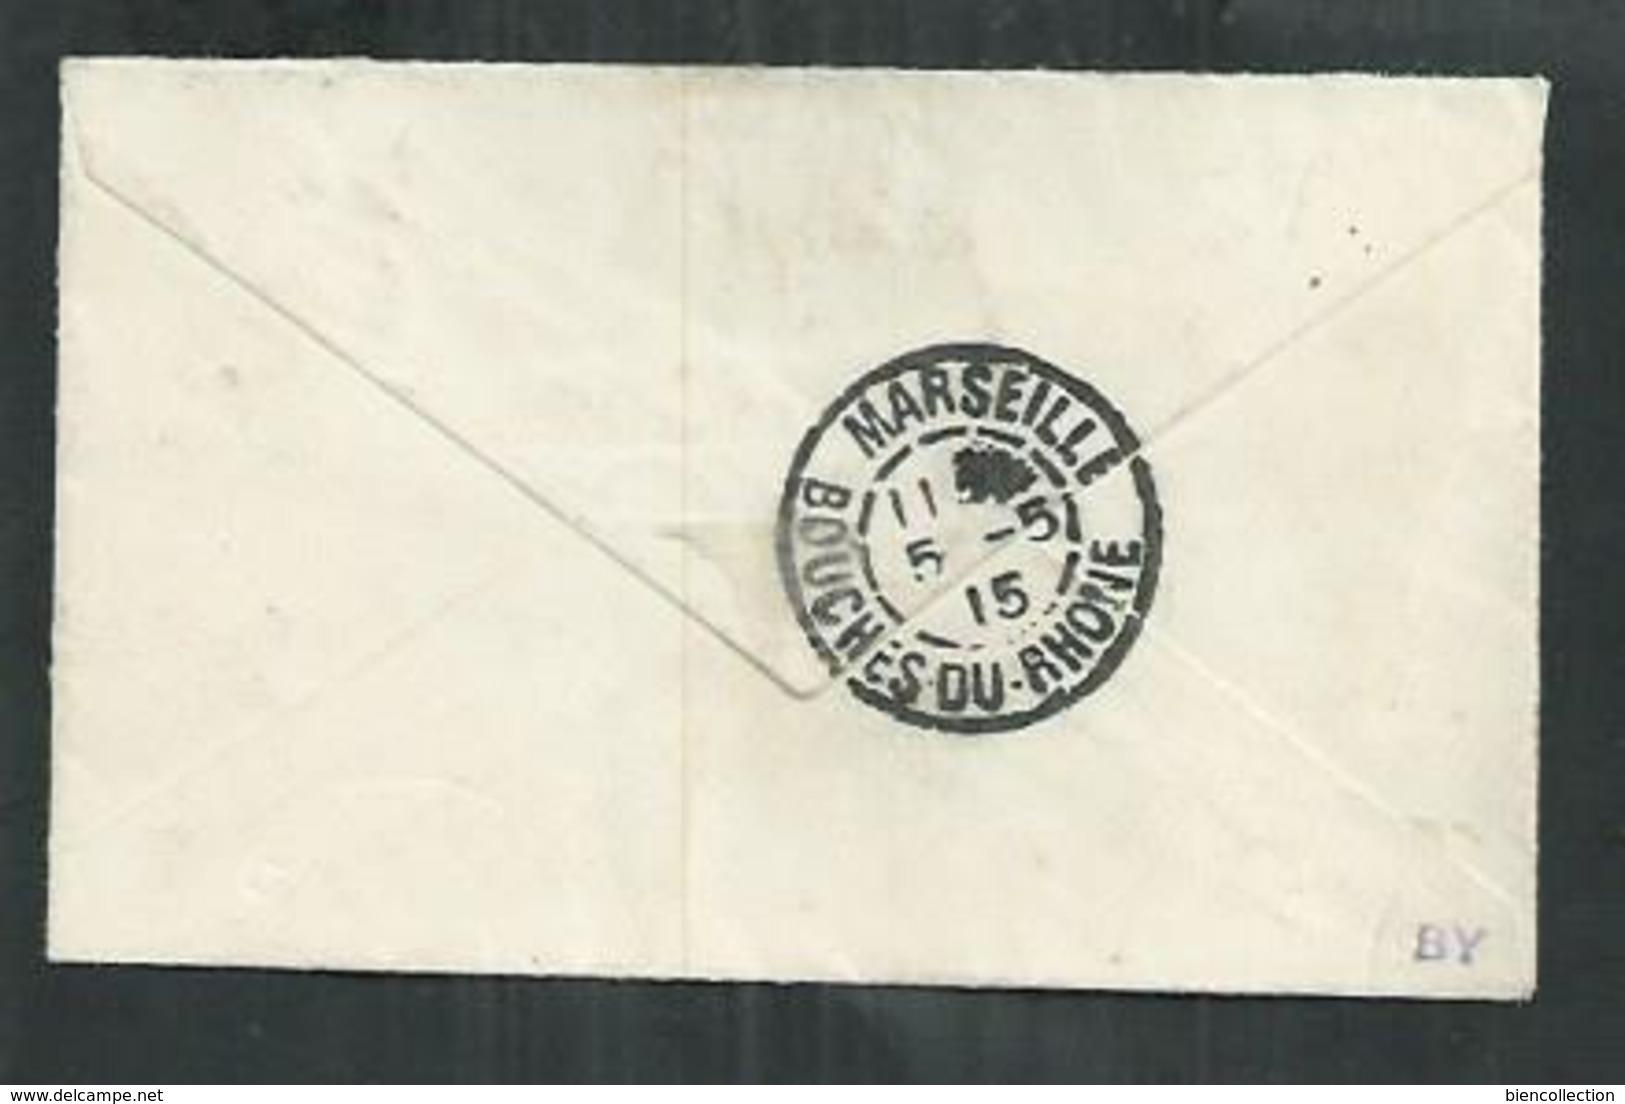 Réunion. Timbre Bord De Feuille Carte De L'ile Surcharge Croix Rouge Noire Sur Petite Enveloppe Pour Marseille - Isola Di Rèunion (1852-1975)